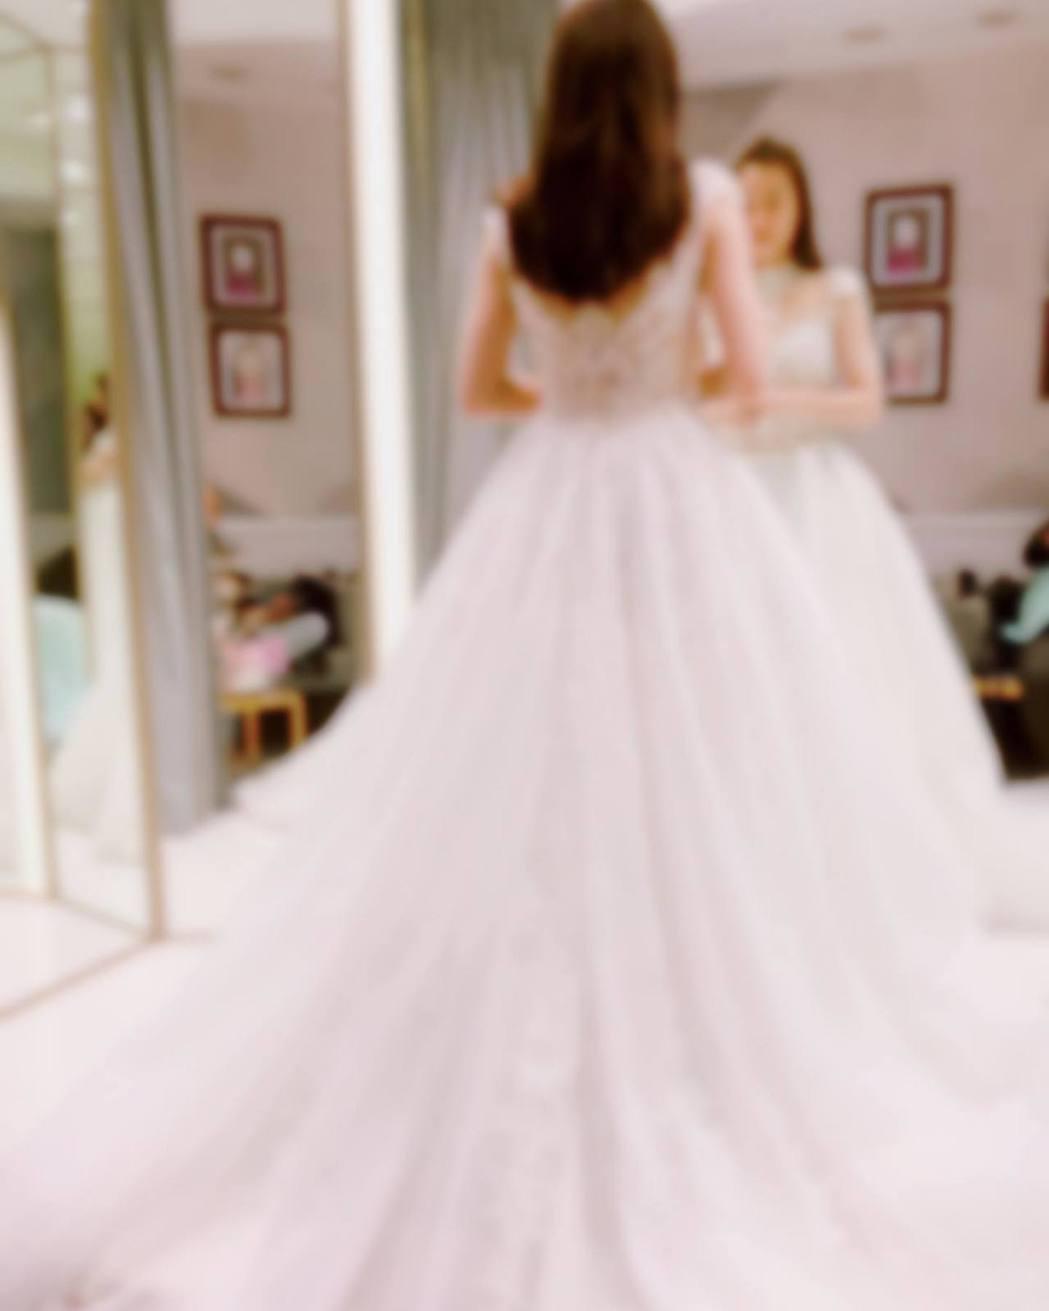 羅小白凌晨在臉書分享婚紗照。 圖/擷自羅小白臉書